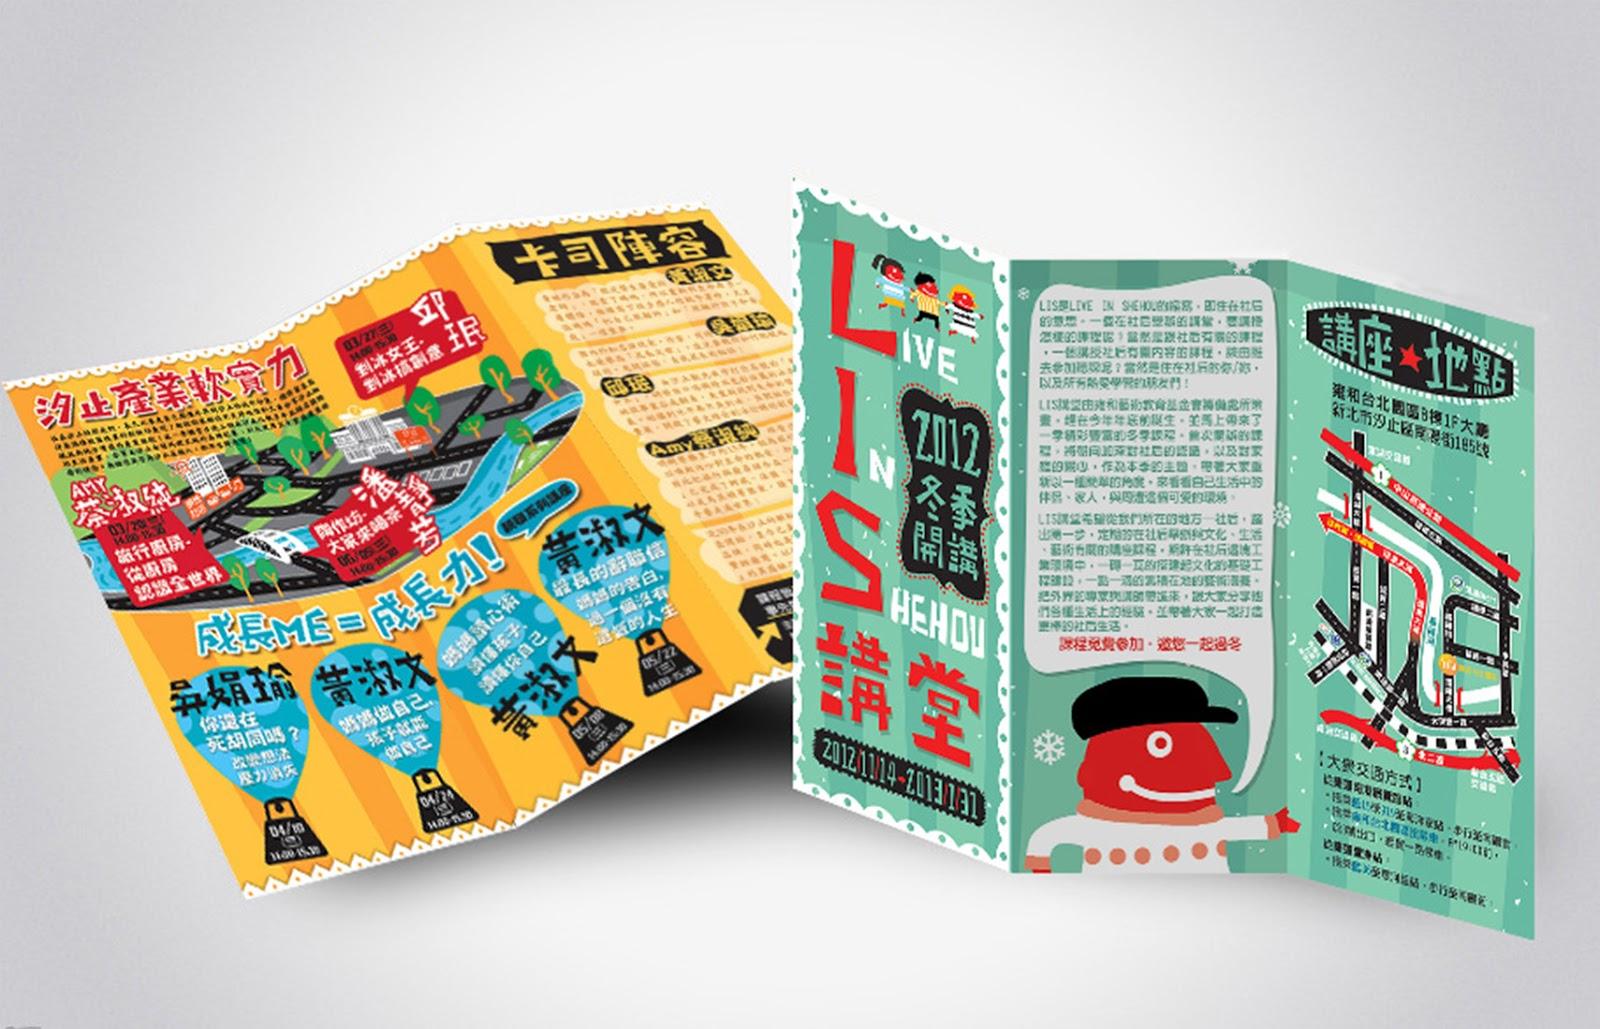 雍和藝術教育基金會籌備處 LIS講堂DM設計 by MUMULab.com